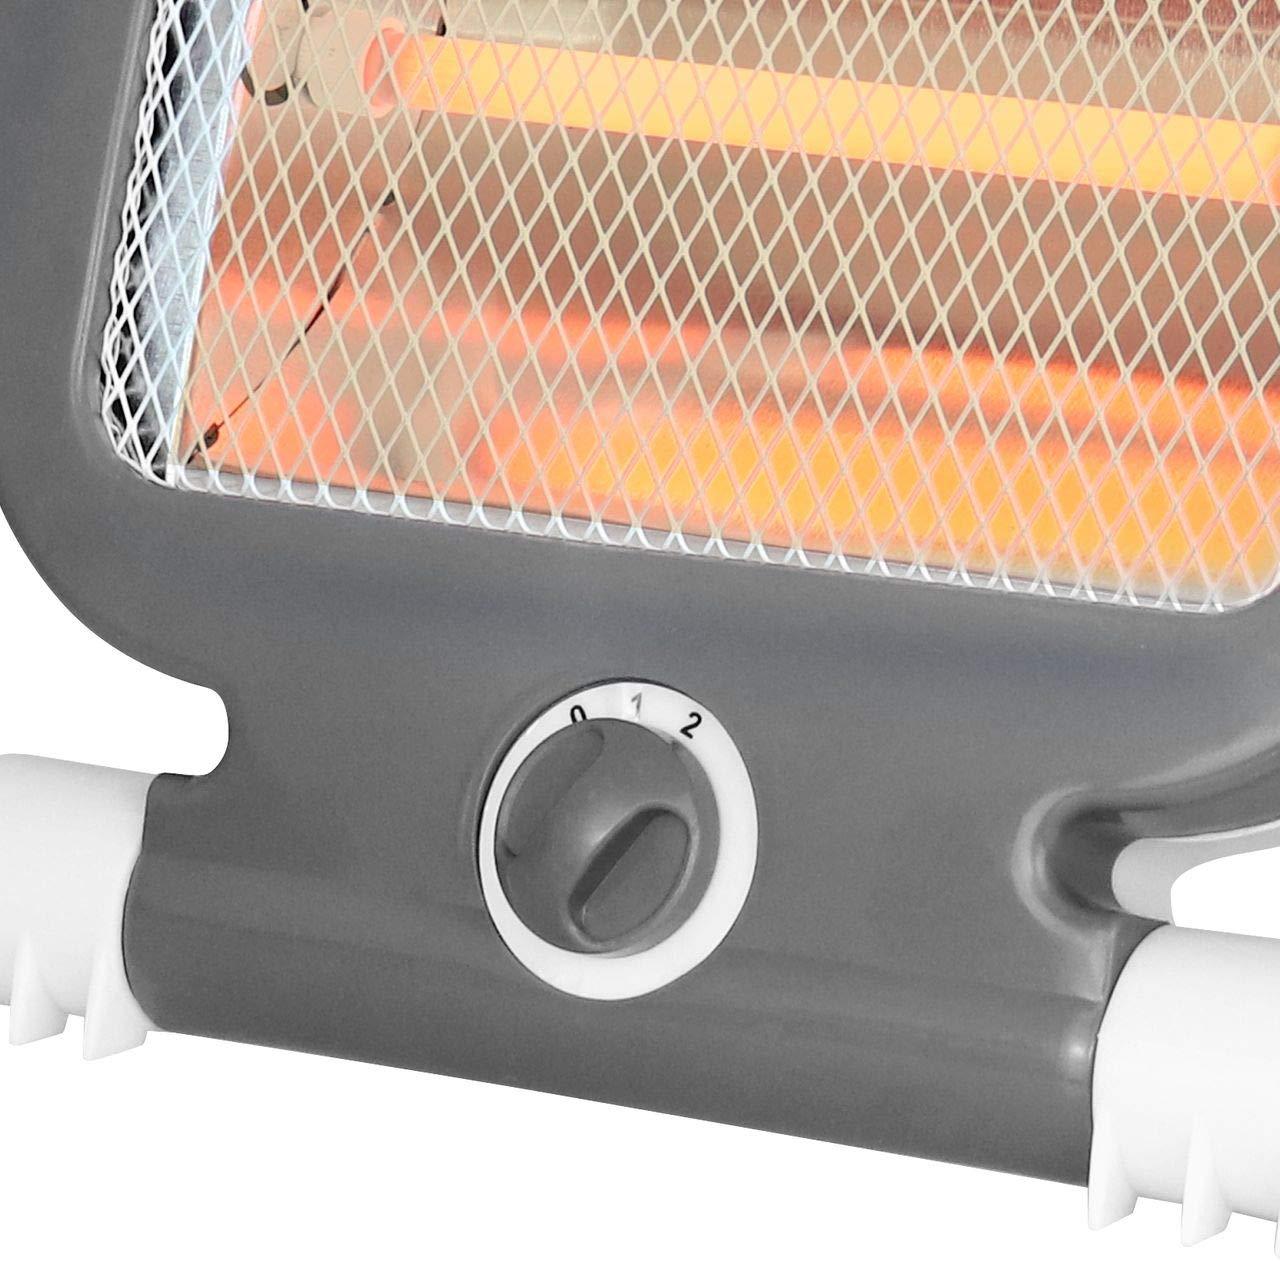 HxLxP poign/ée de Transport Protection Contre la surchauffe 2 Niveaux de Puissance 400 ou 800 W 37 x 25 x 15 Wellgro/® Chauffage Infrarouge Protection Anti-basculement Blanc//Gris